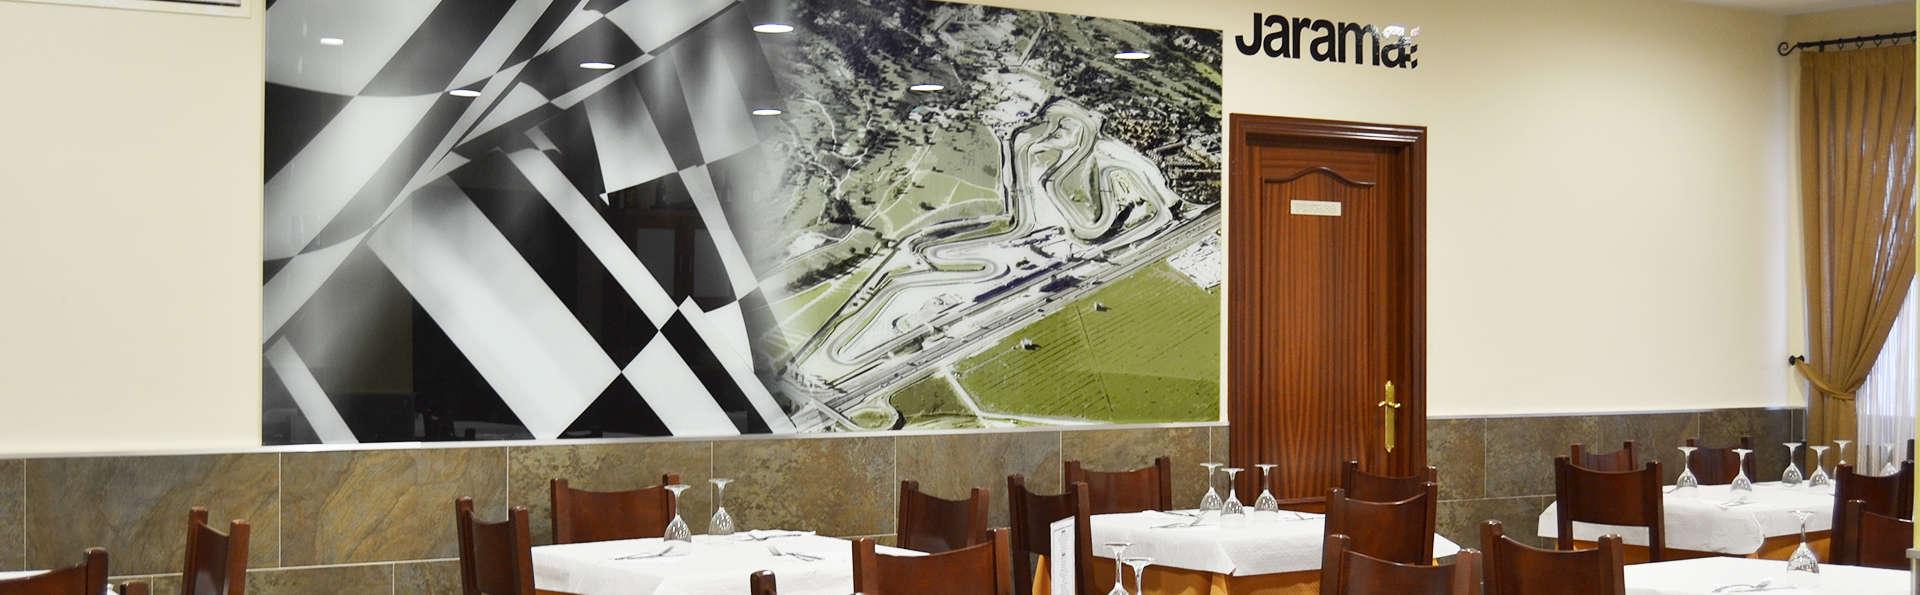 Hotel Jarama - EDIT_restaurant.jpg